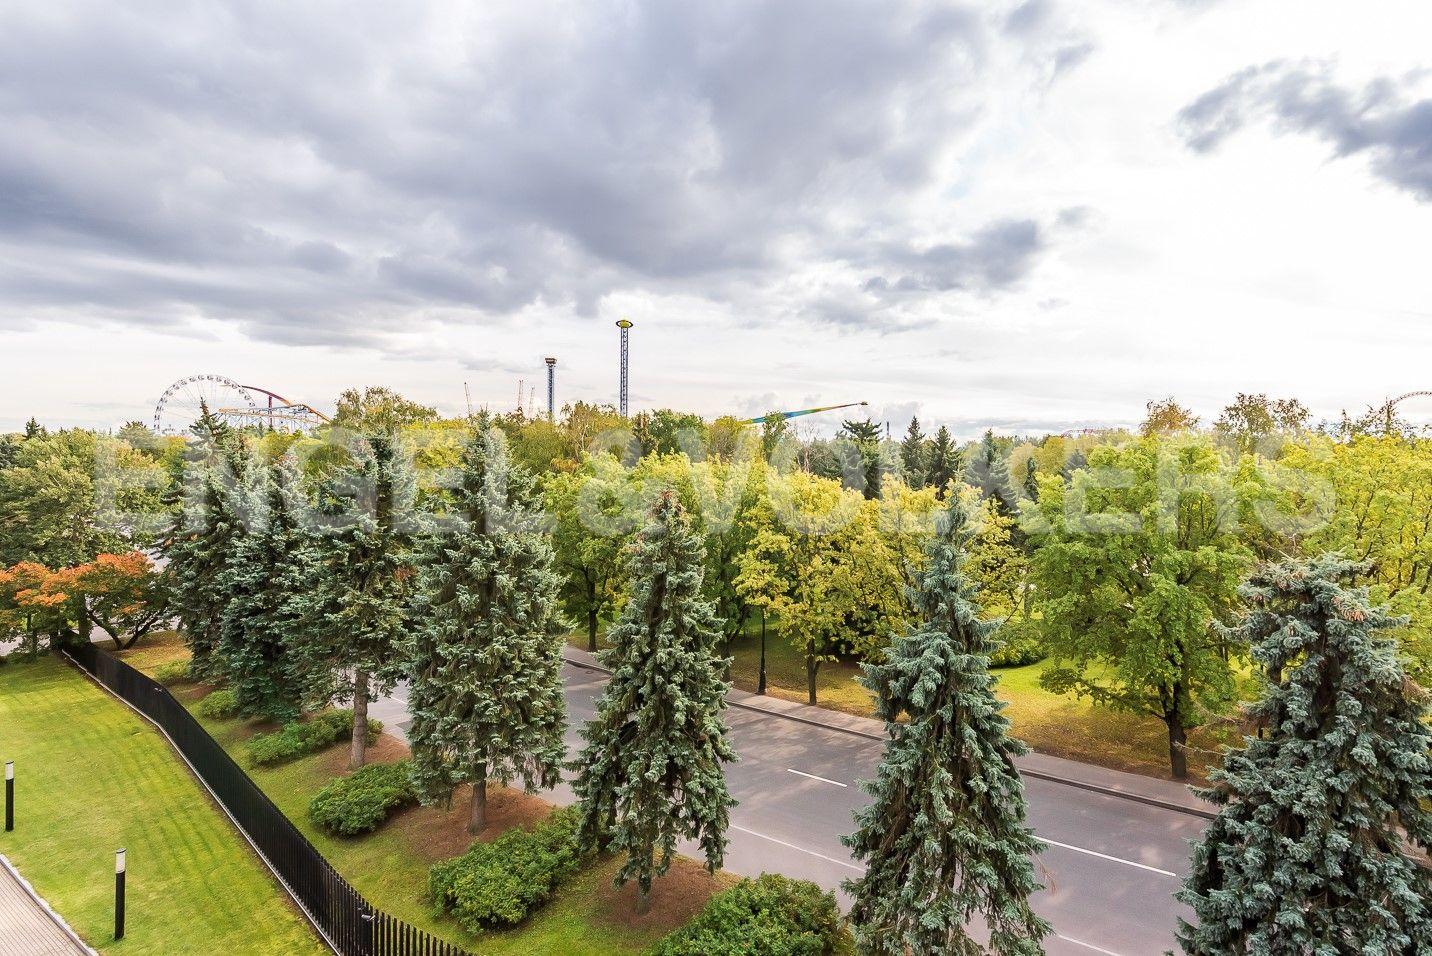 Элитные квартиры на . Санкт-Петербург, наб. Мартынова, 74Б. Северная дорога